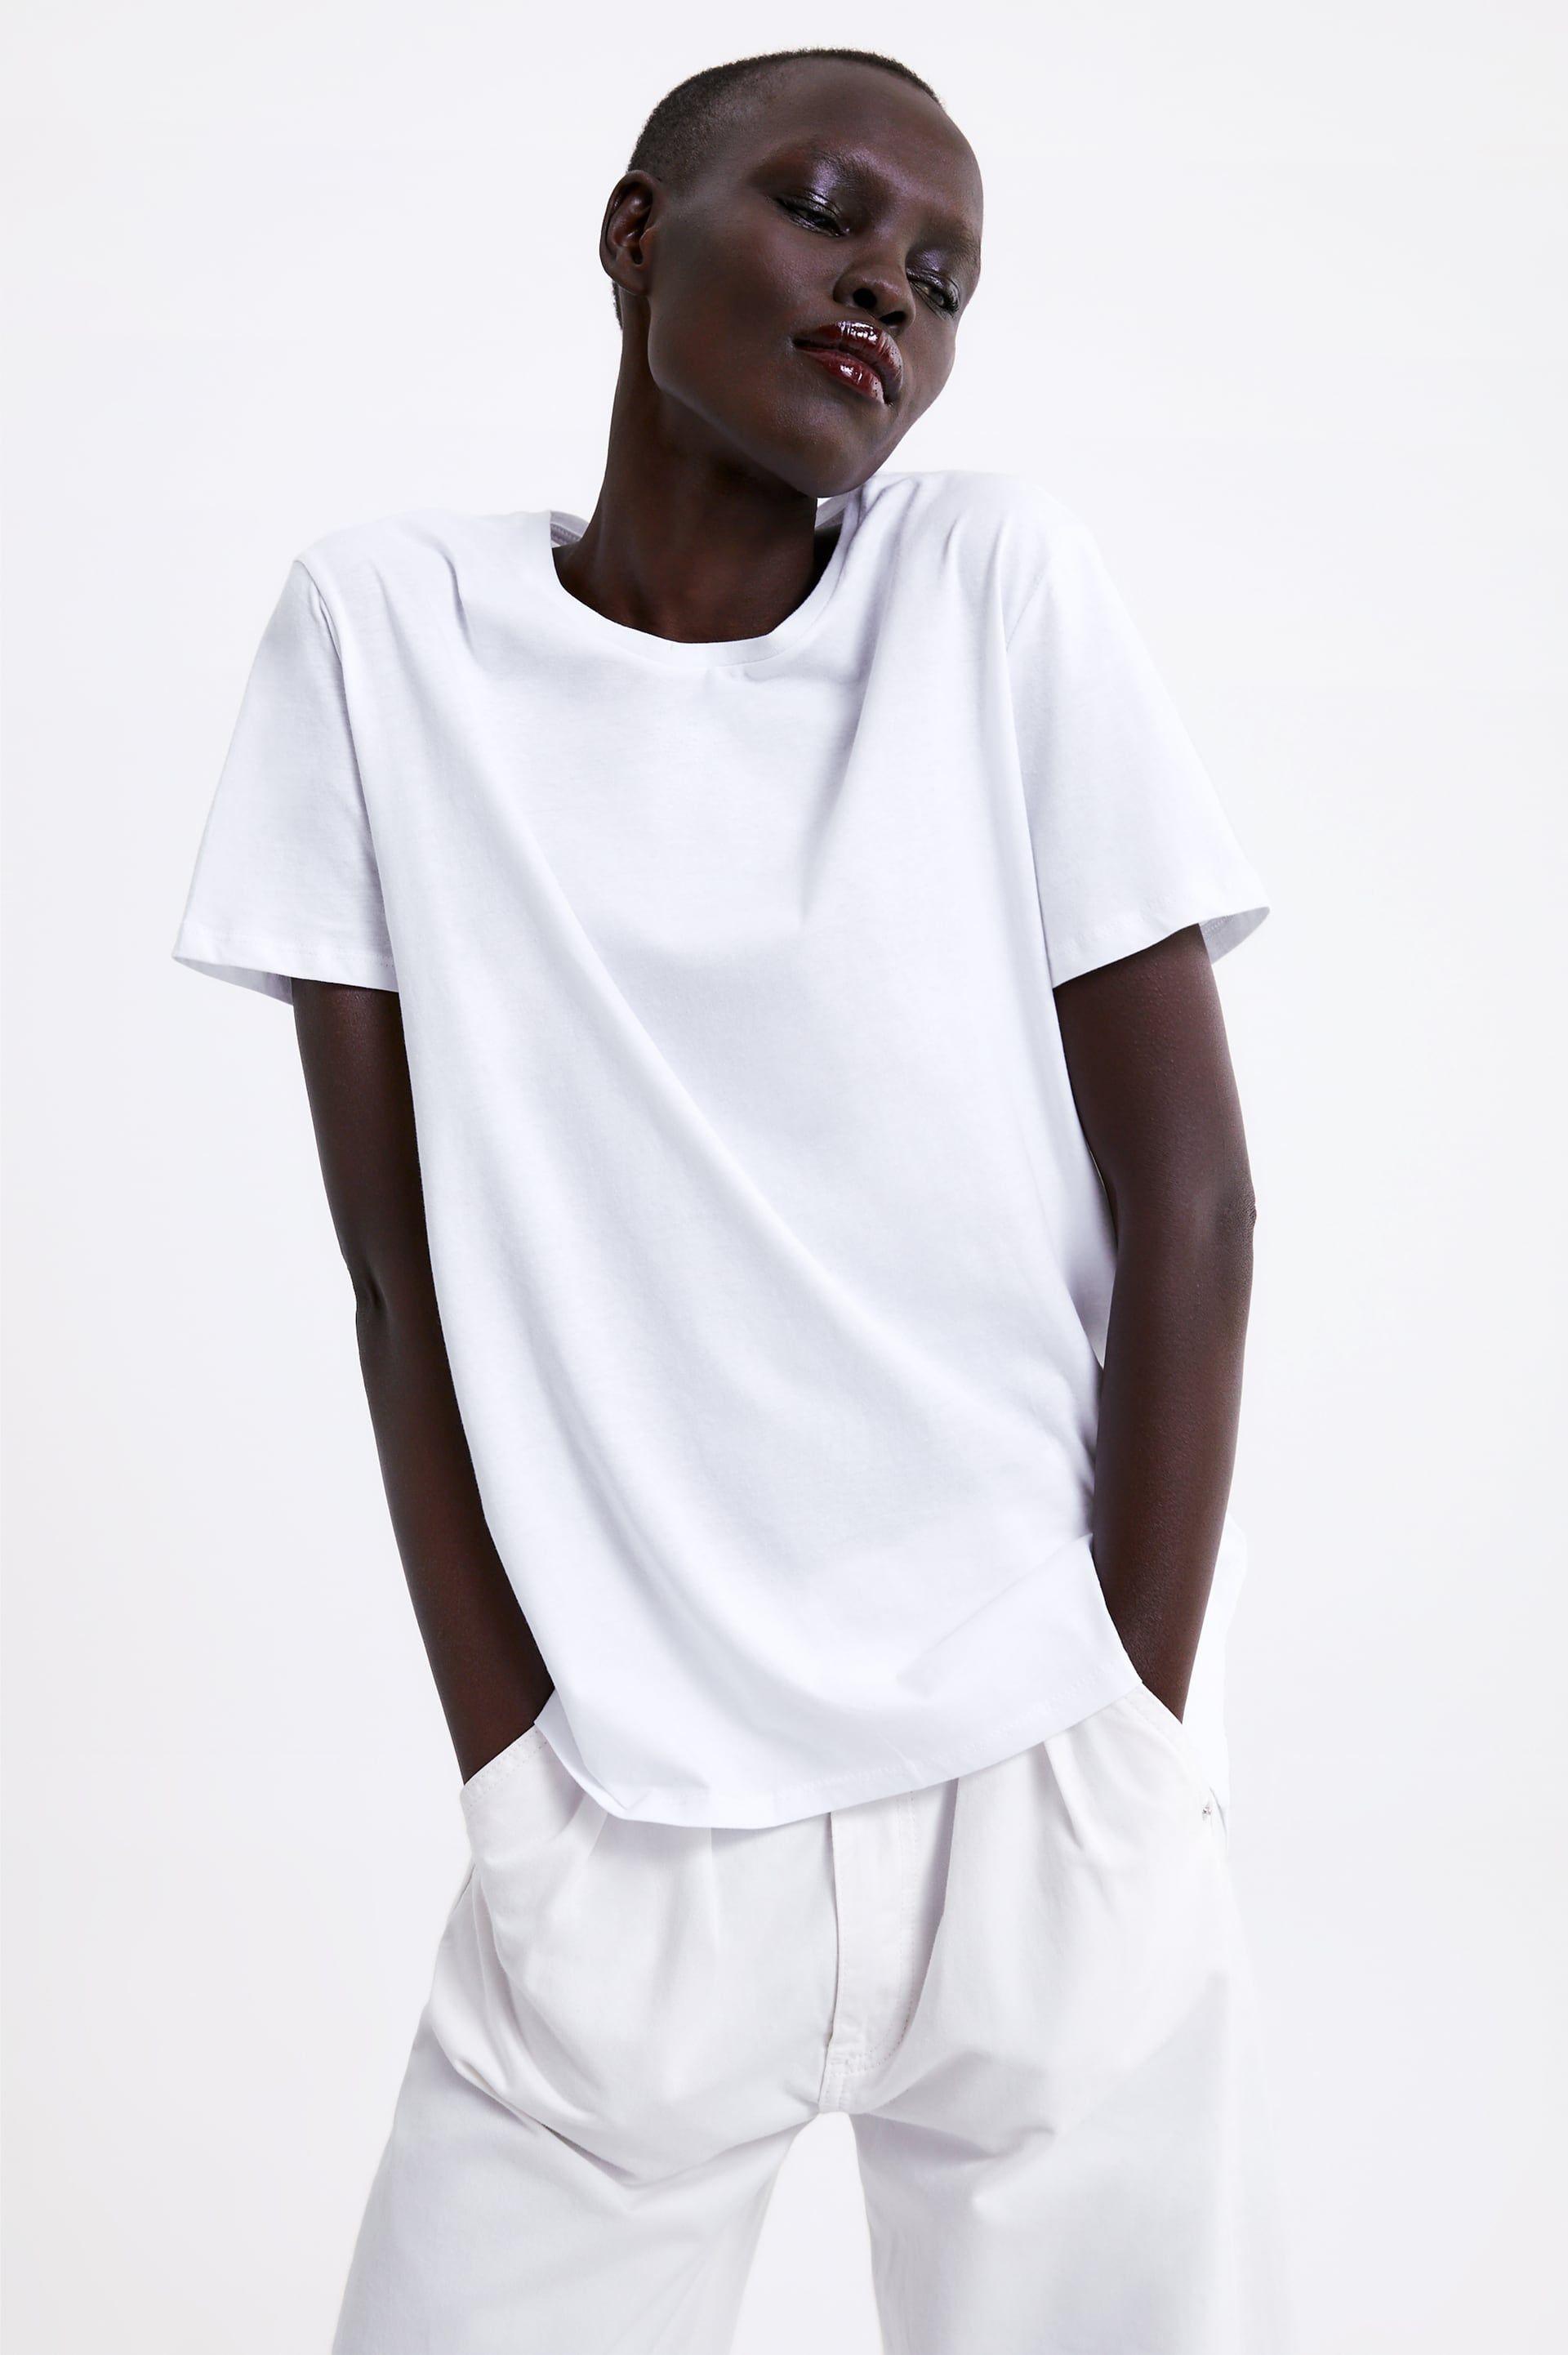 venta usa online mejores marcas ahorre hasta 80% Zara tiene sólo una camiseta básica blanca perfecta y la ha ...